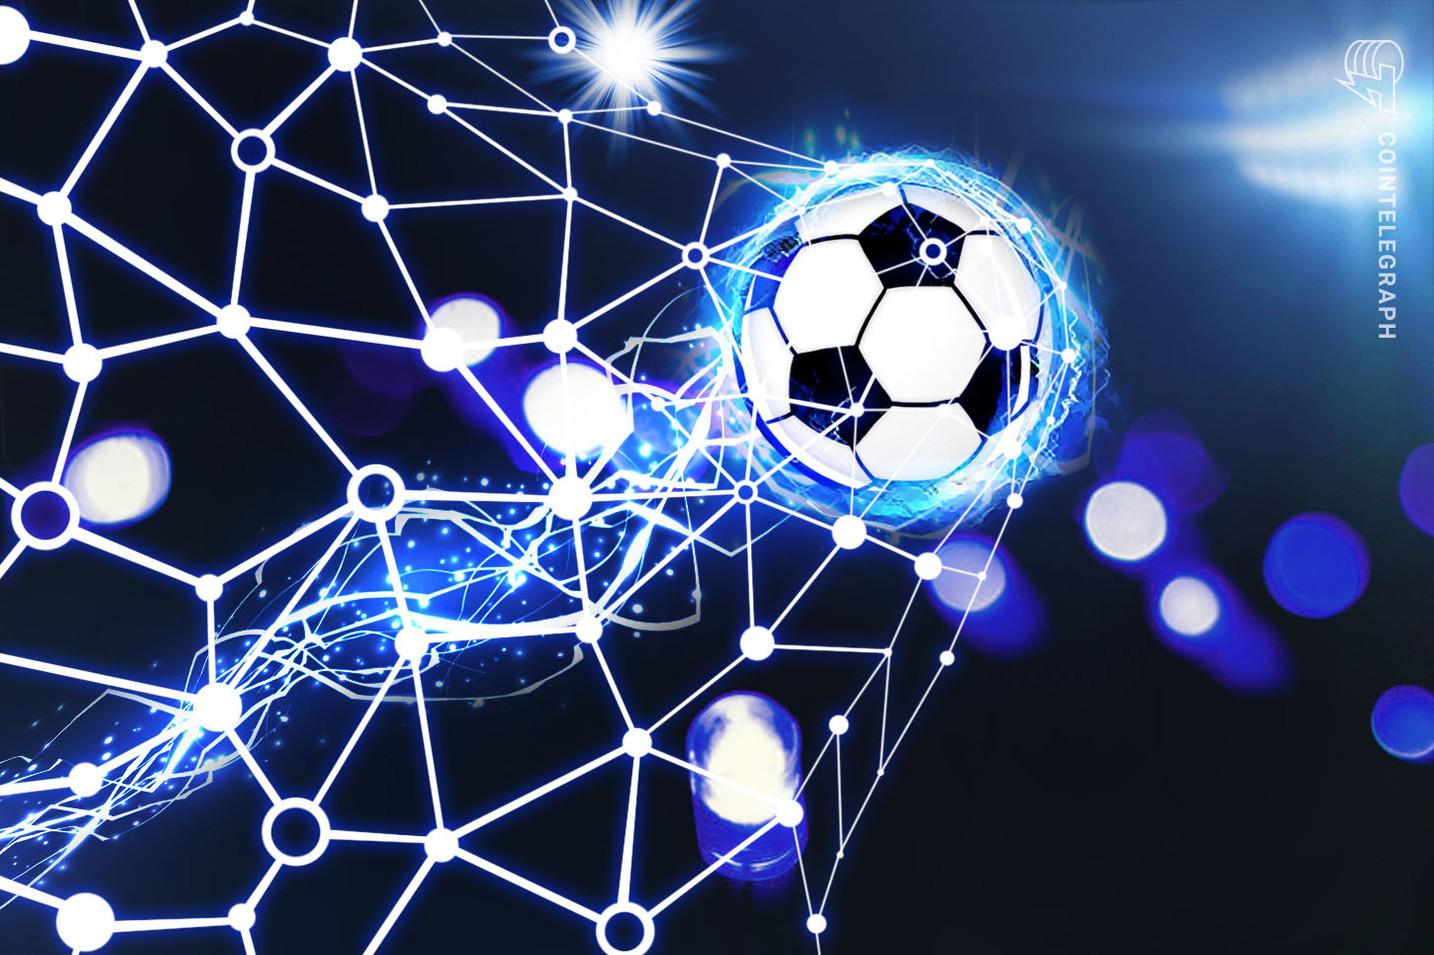 独サッカークラブの「バイエルン・ミュンヘン」、スター選手のデジタルグッズ制作へ ブロックチェーン企業と契約締結